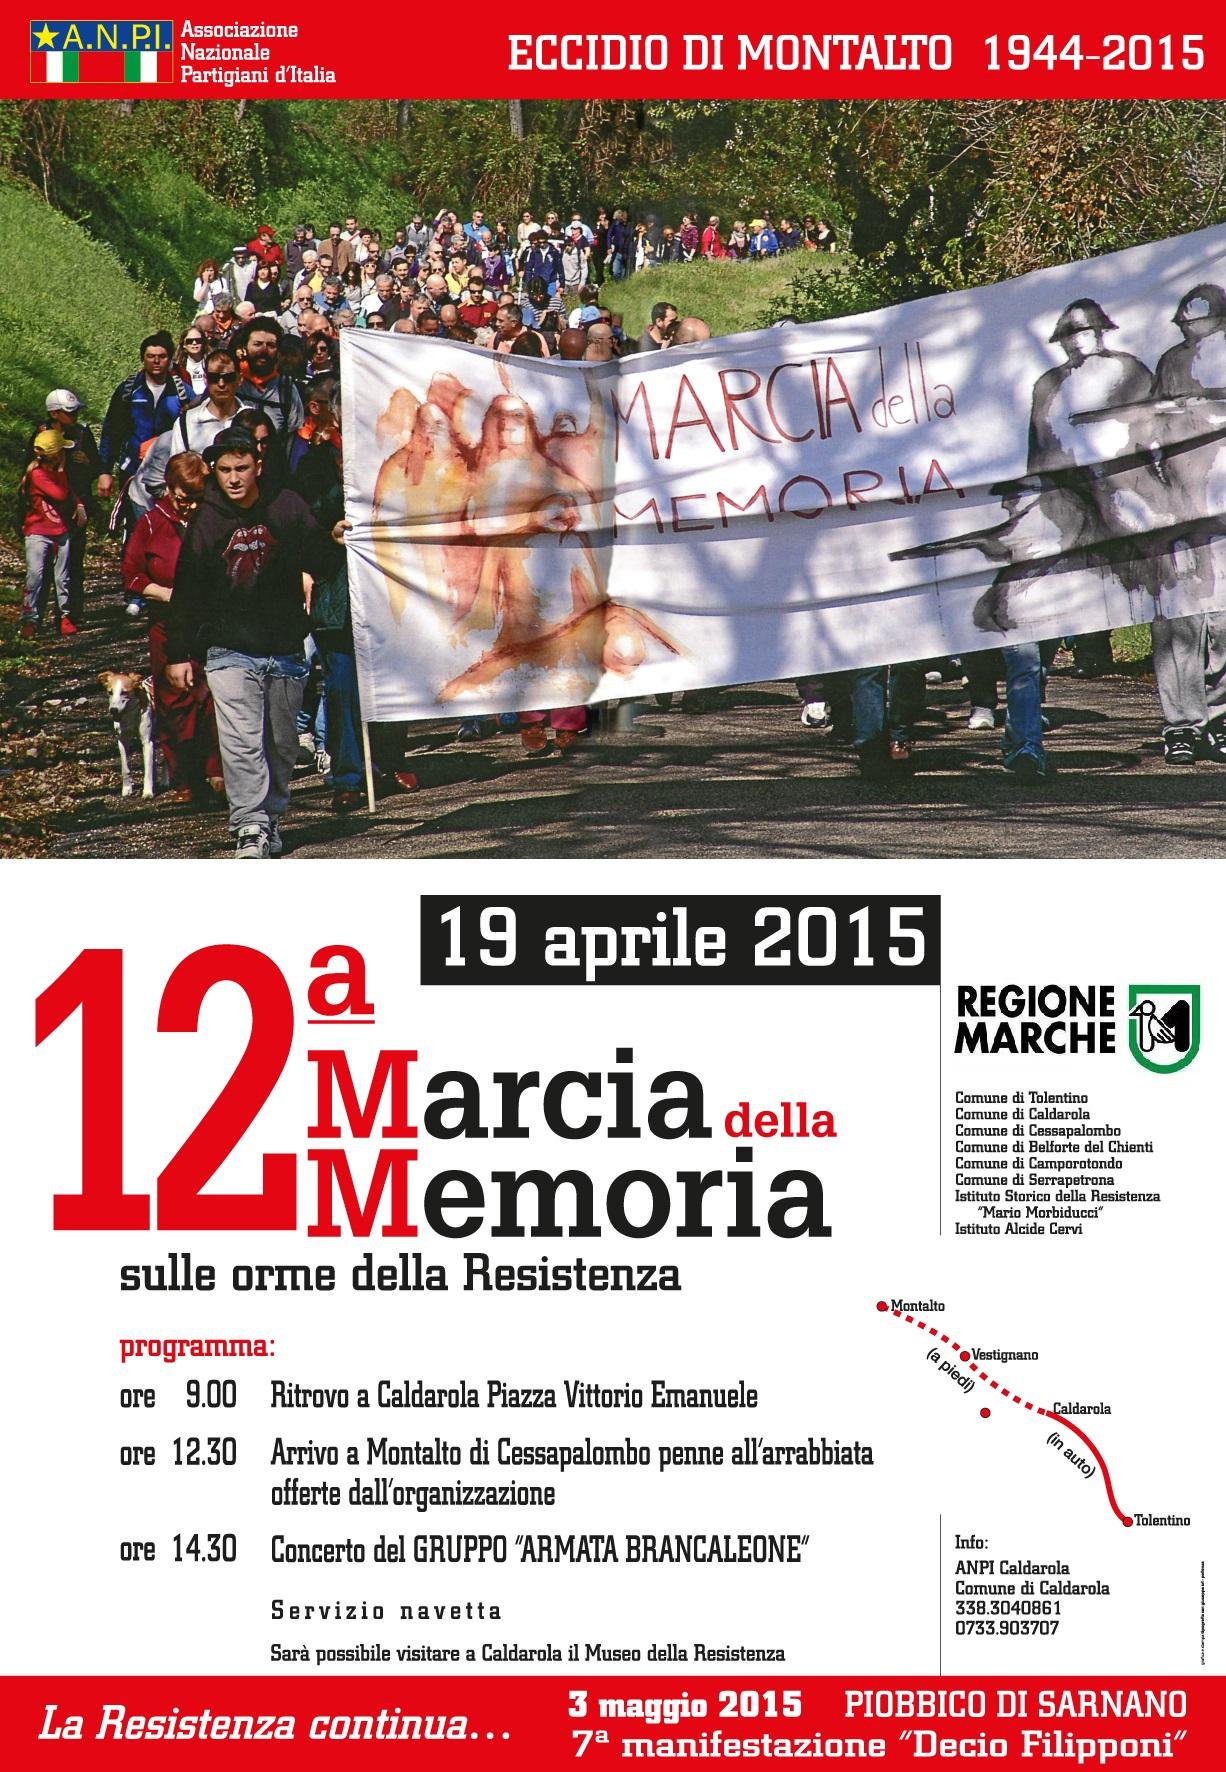 Manifesto 12a marcia